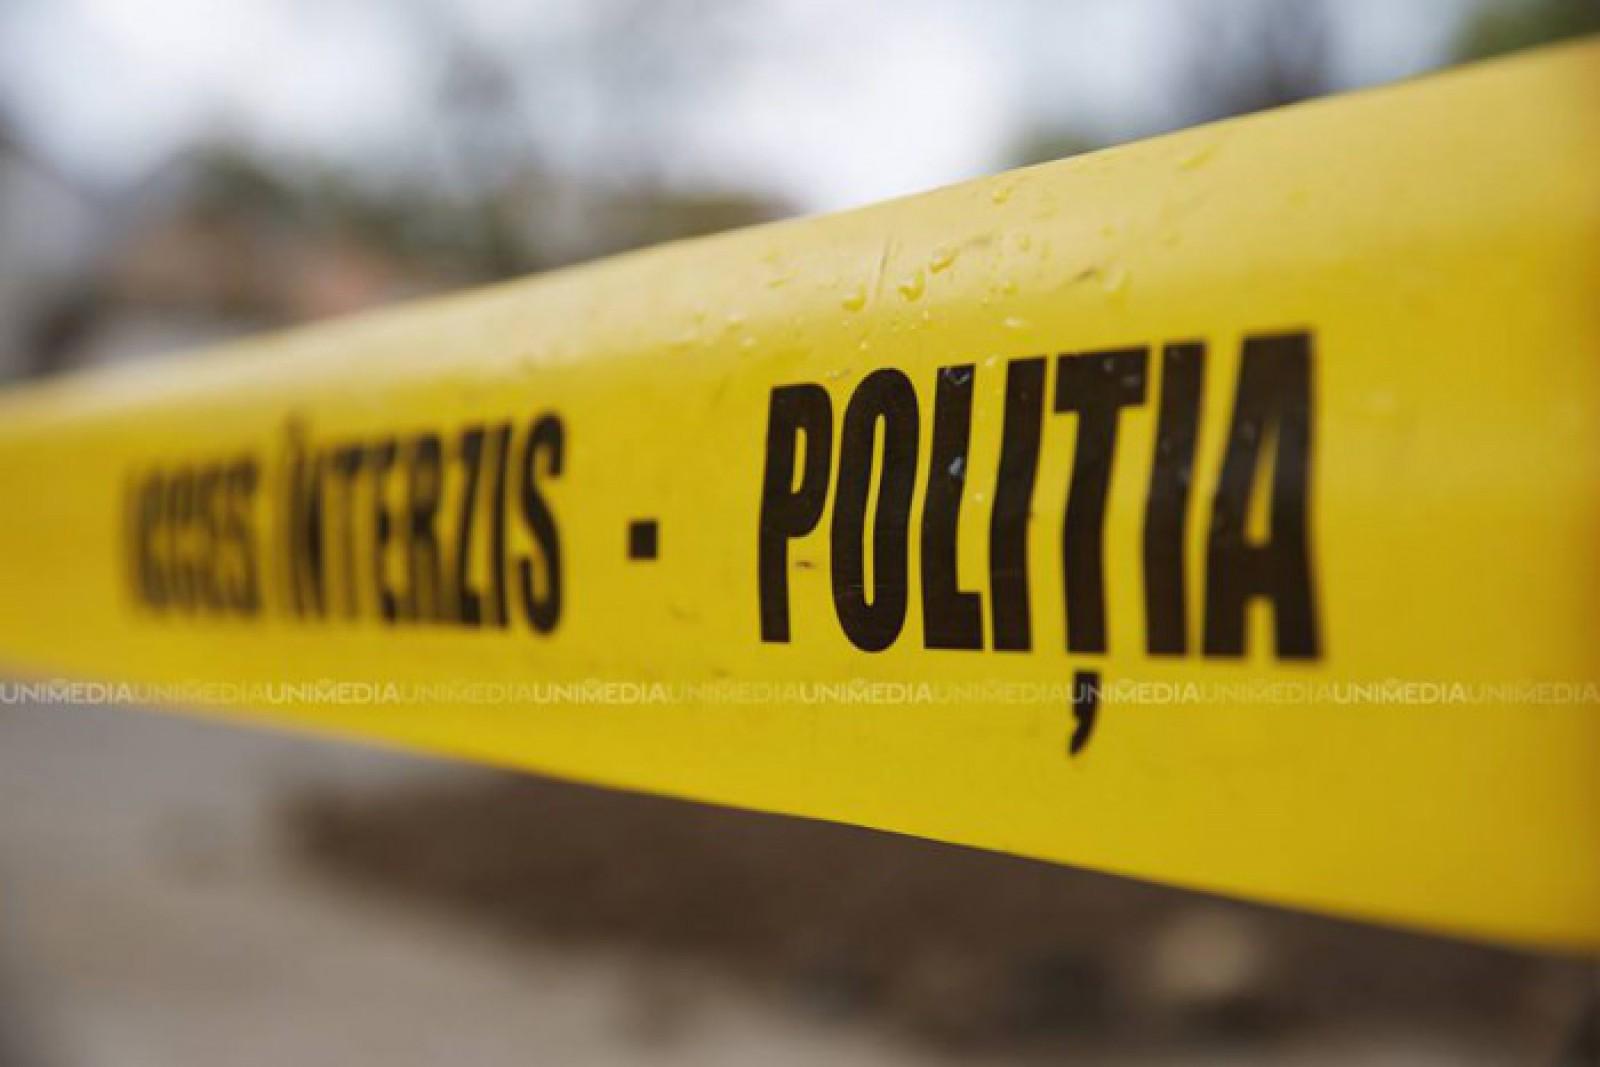 Șocant: Un bărbat din Criuleni și-a omorât concubina, după care a îngropat-o în grădină: Cum s-a întâmplat grozăvia